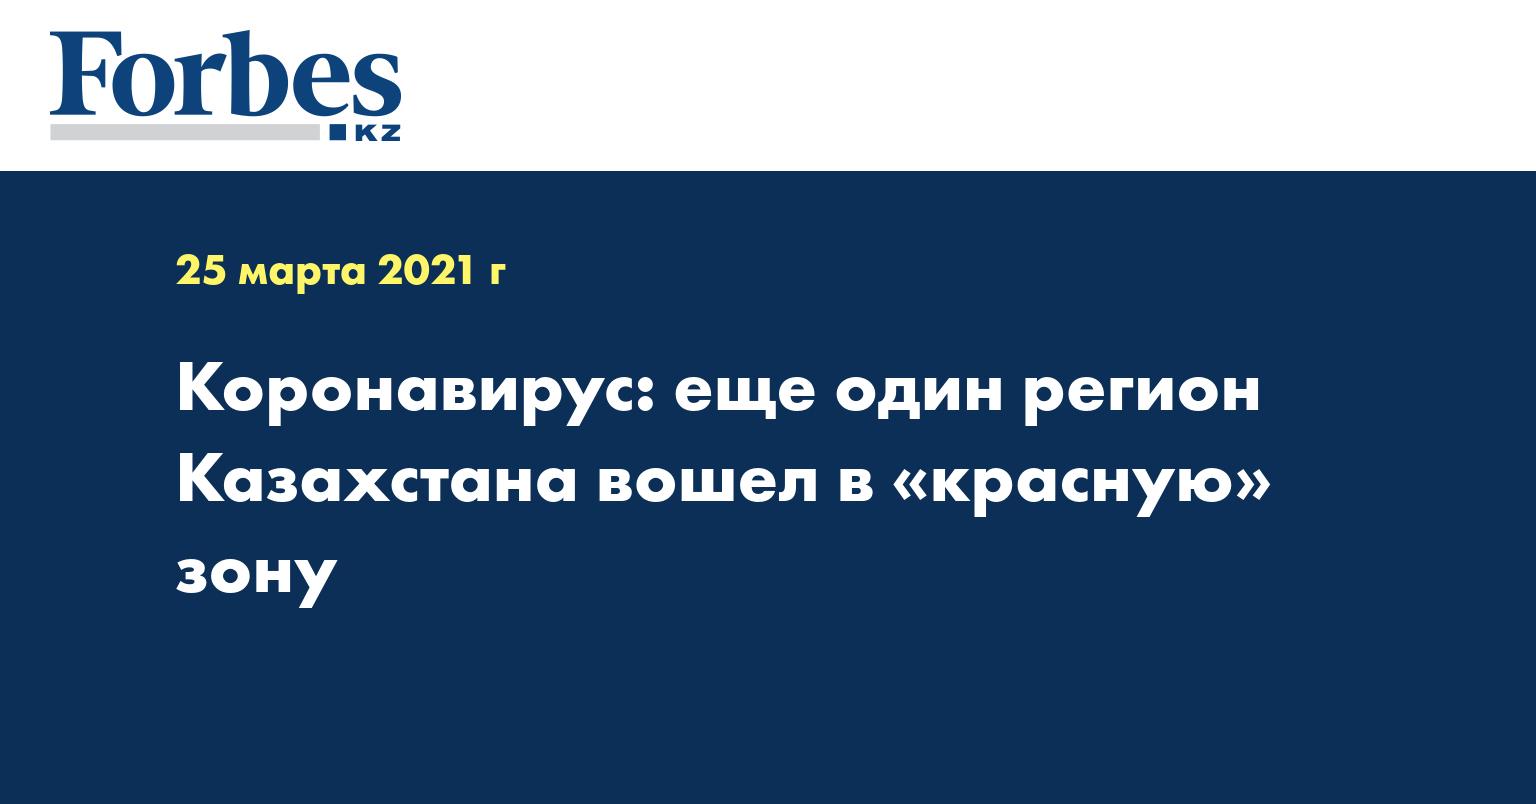 Коронавирус: еще один регион Казахстана вошел в «красную» зону